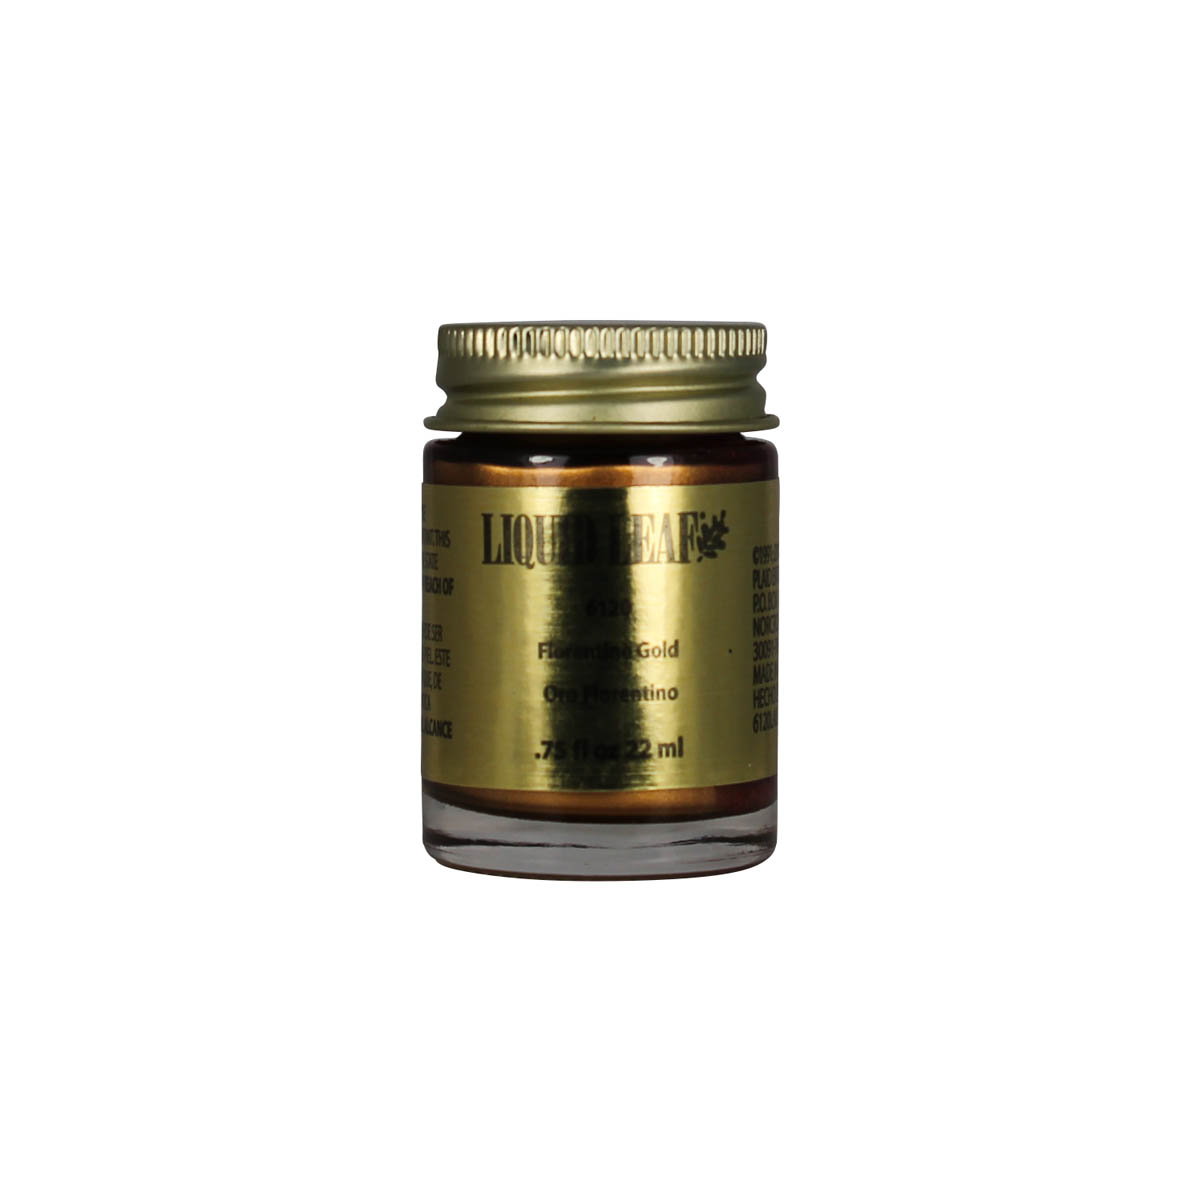 Liquid Leaf ® - Florentine